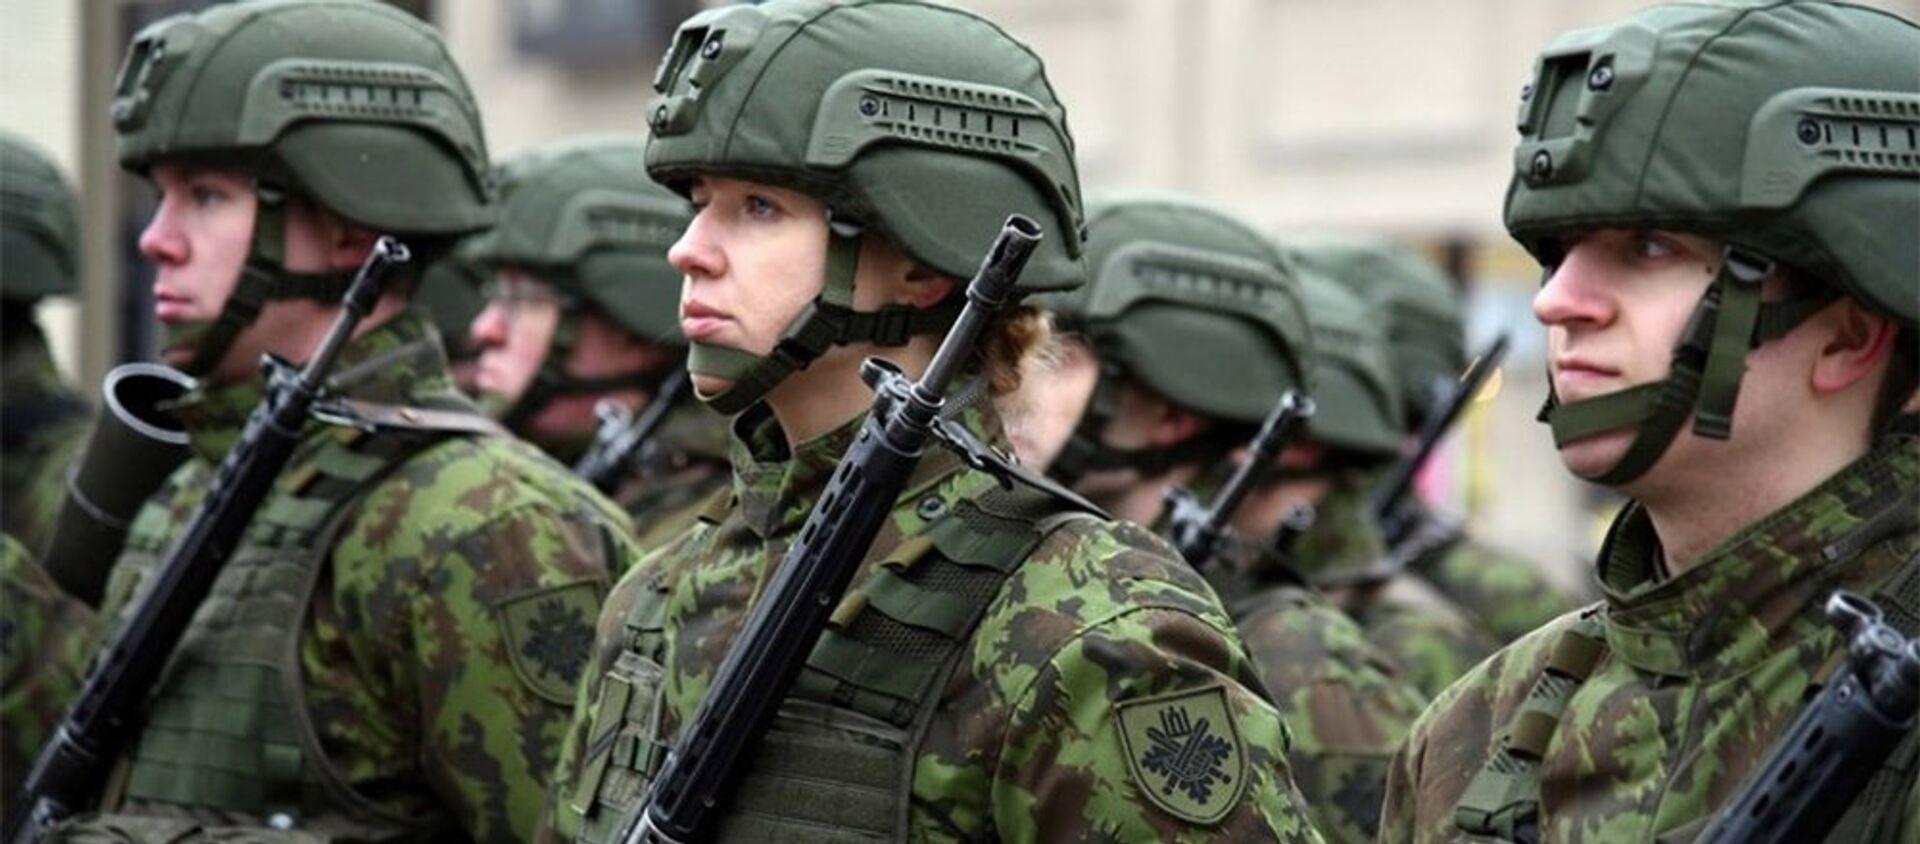 Военнослужащие армии Литвы - Sputnik Беларусь, 1920, 06.02.2021